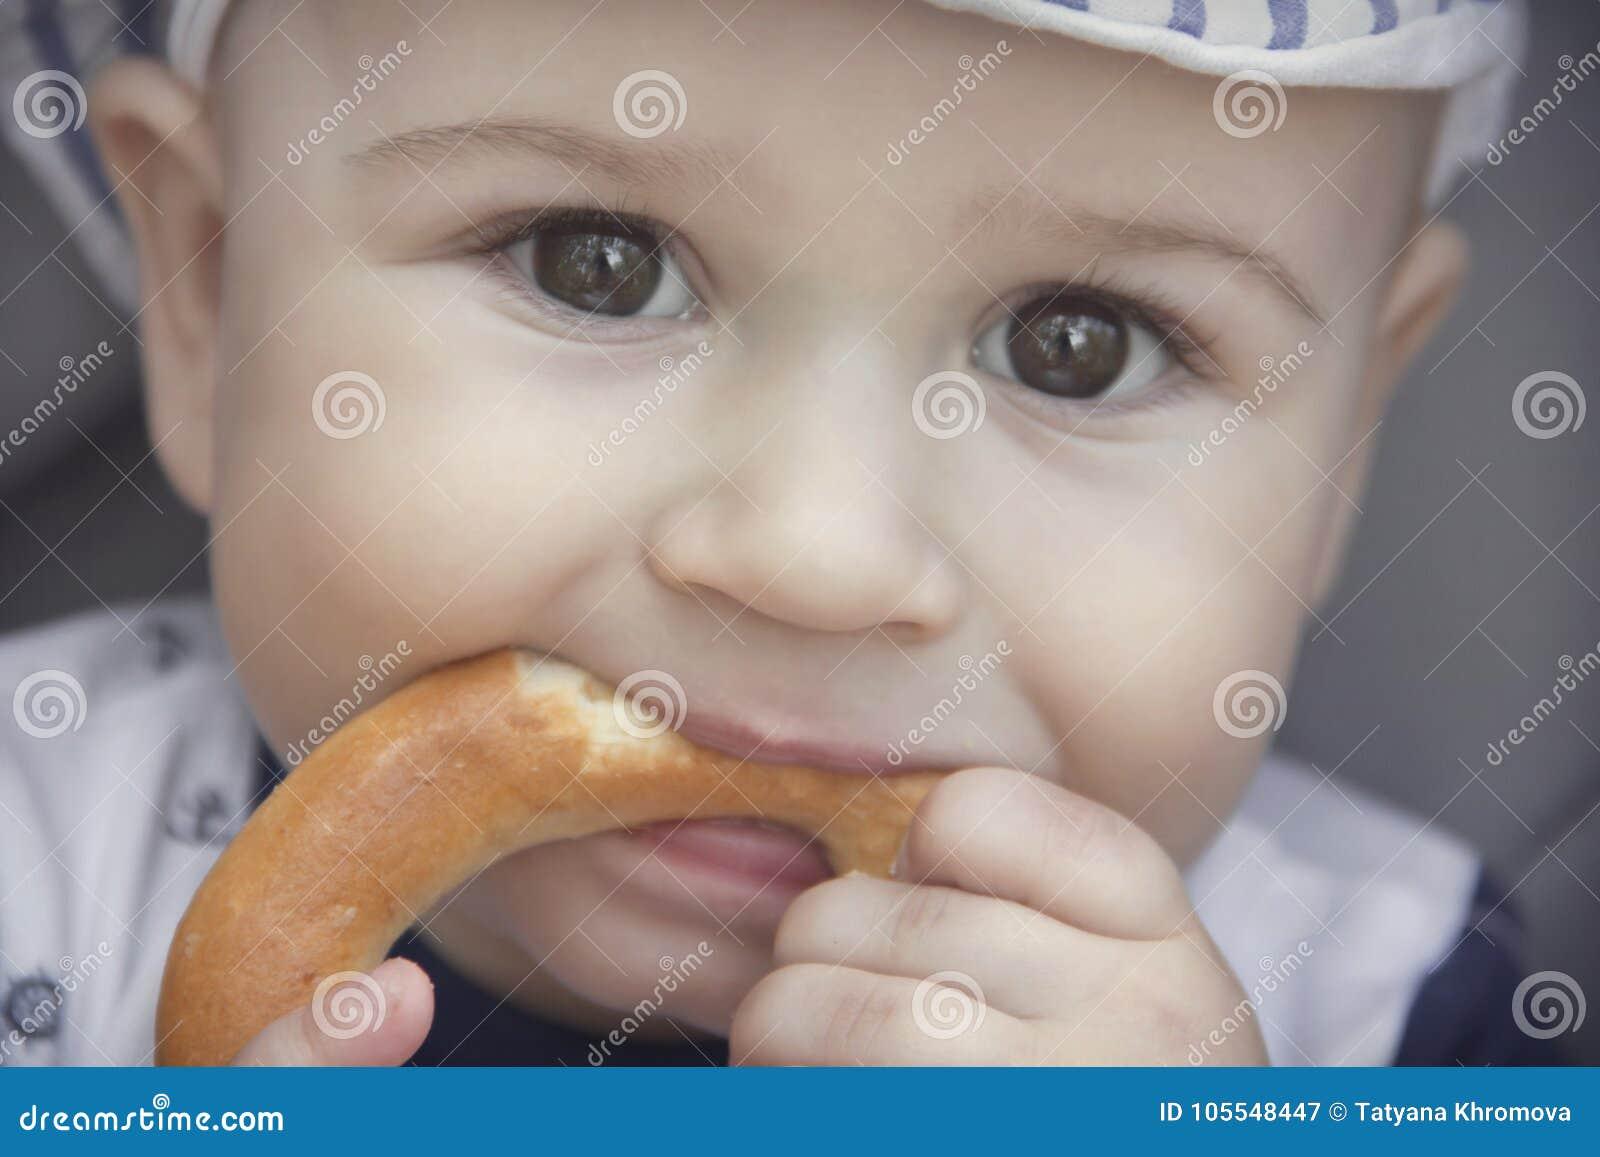 El bebé lindo con un apetito está comiendo un panecillo